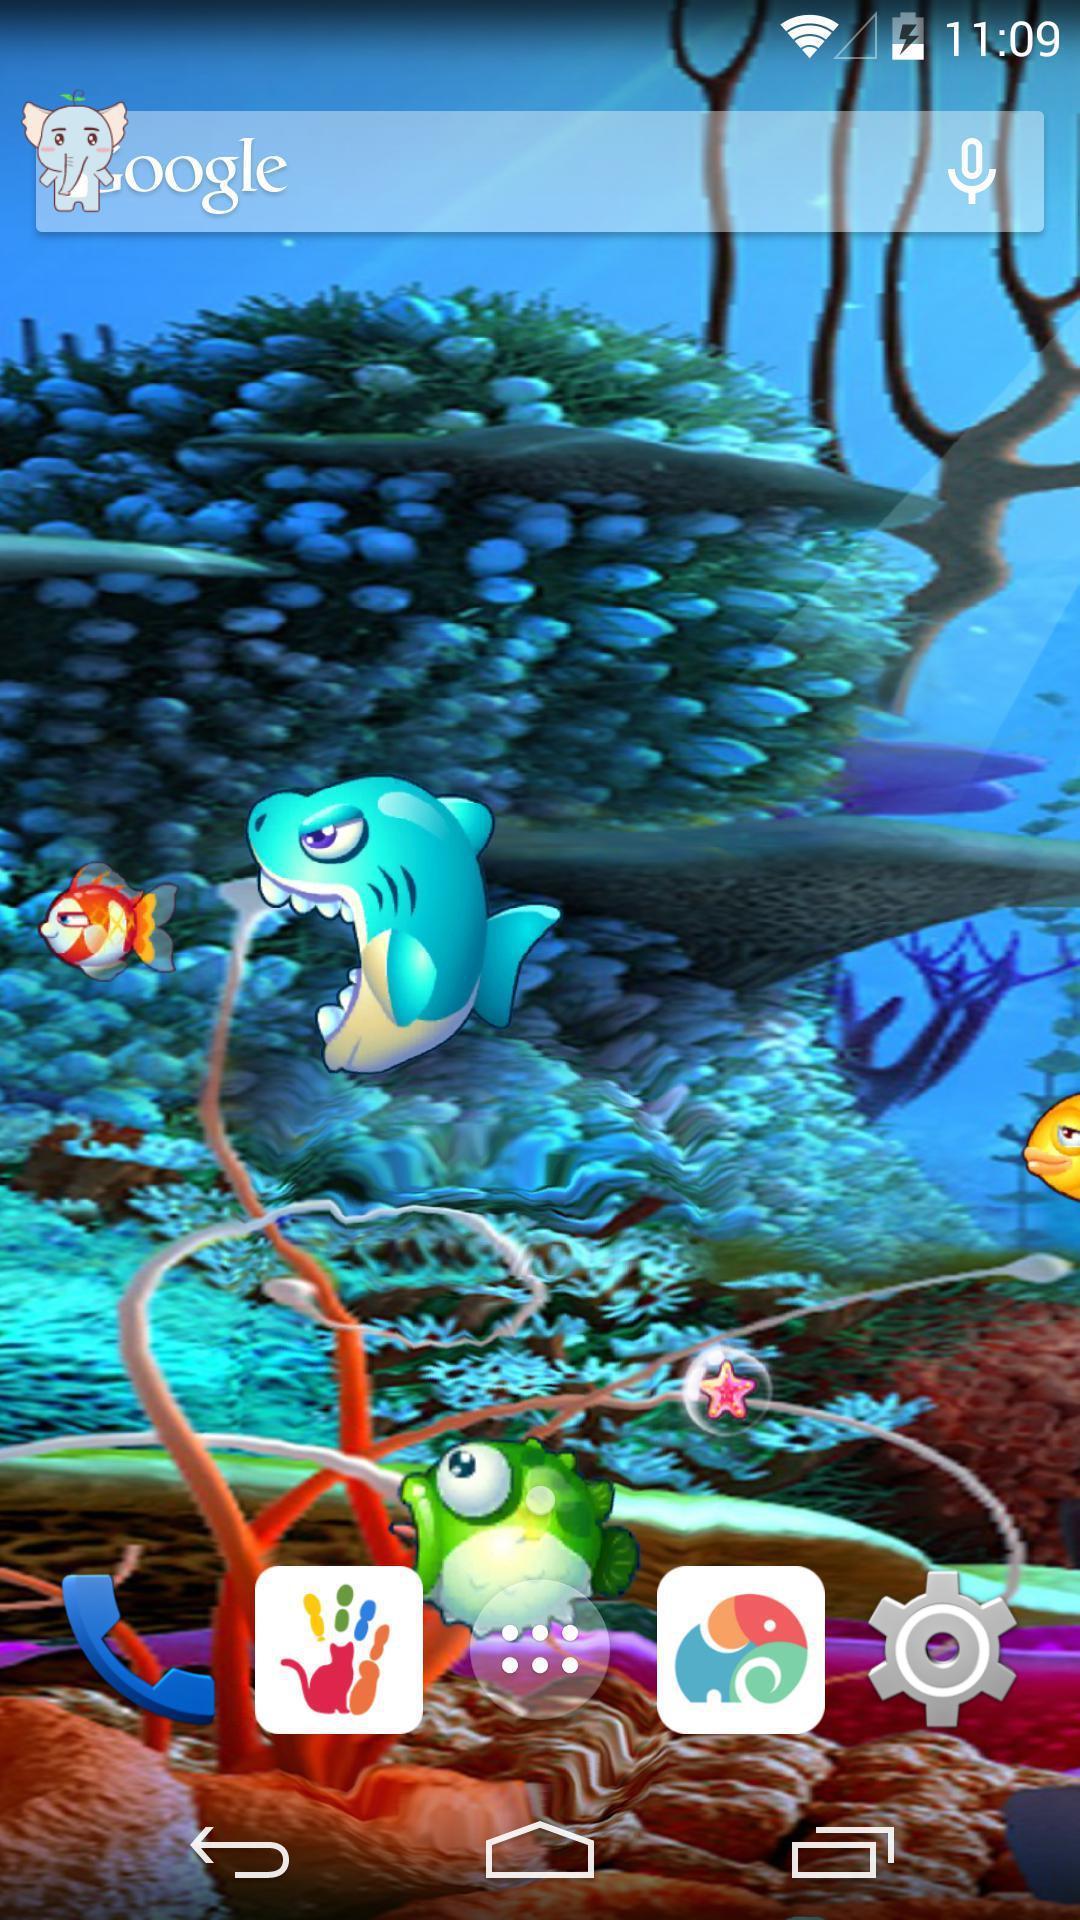 梦幻海洋-梦象动态壁纸